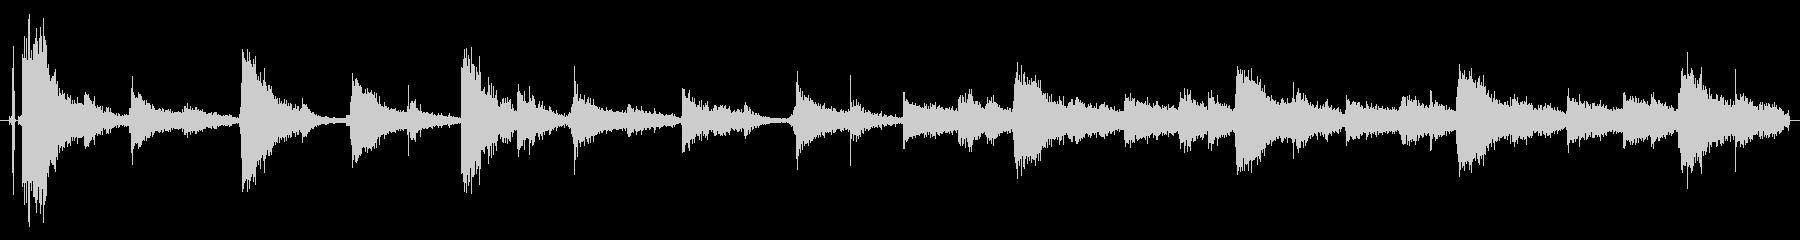 ドラムループ可能 ハイハット系01!の未再生の波形